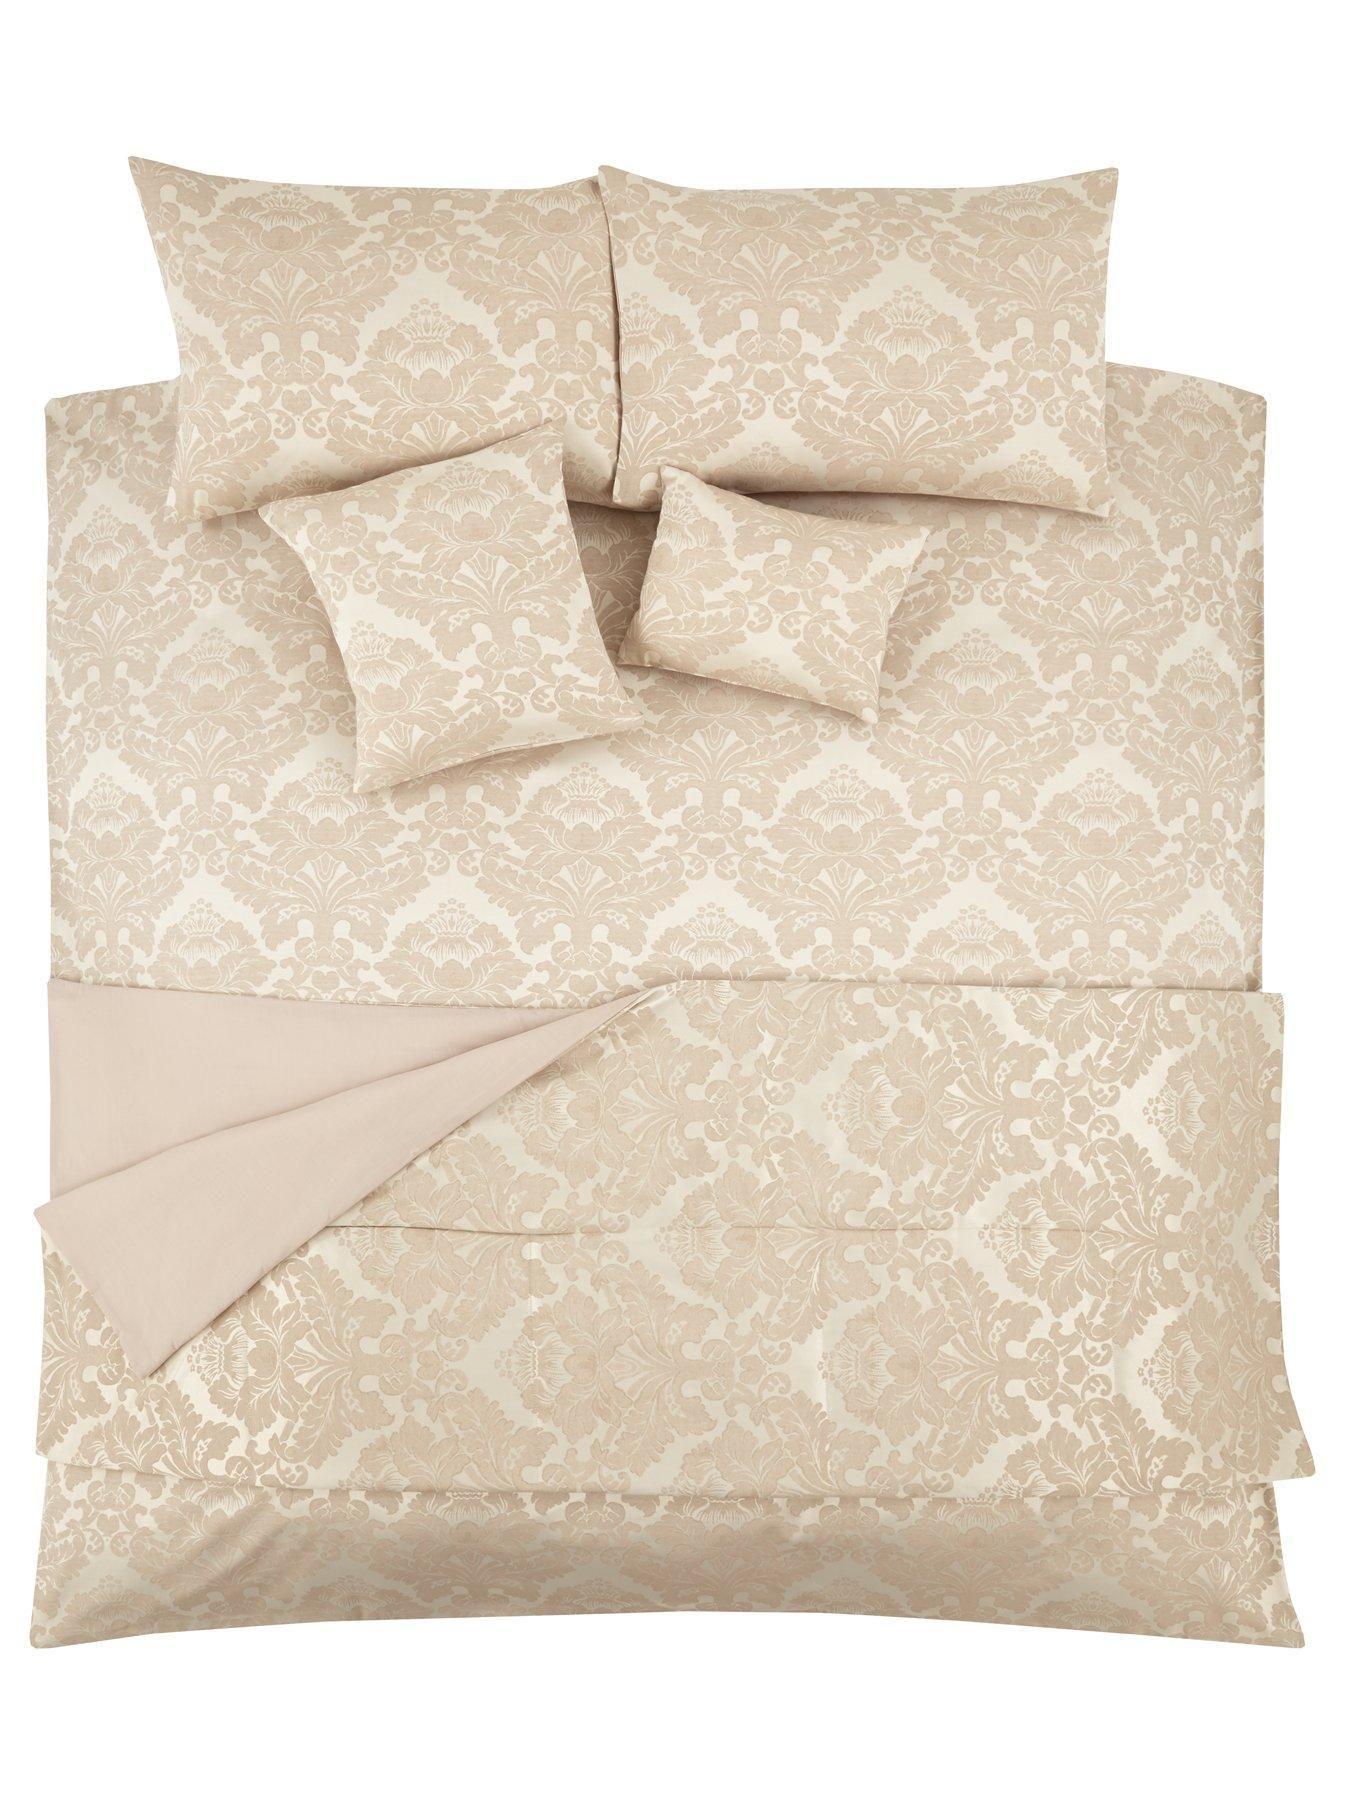 Rachel Jacquard Complete Bedding Set 7ba3fc52c